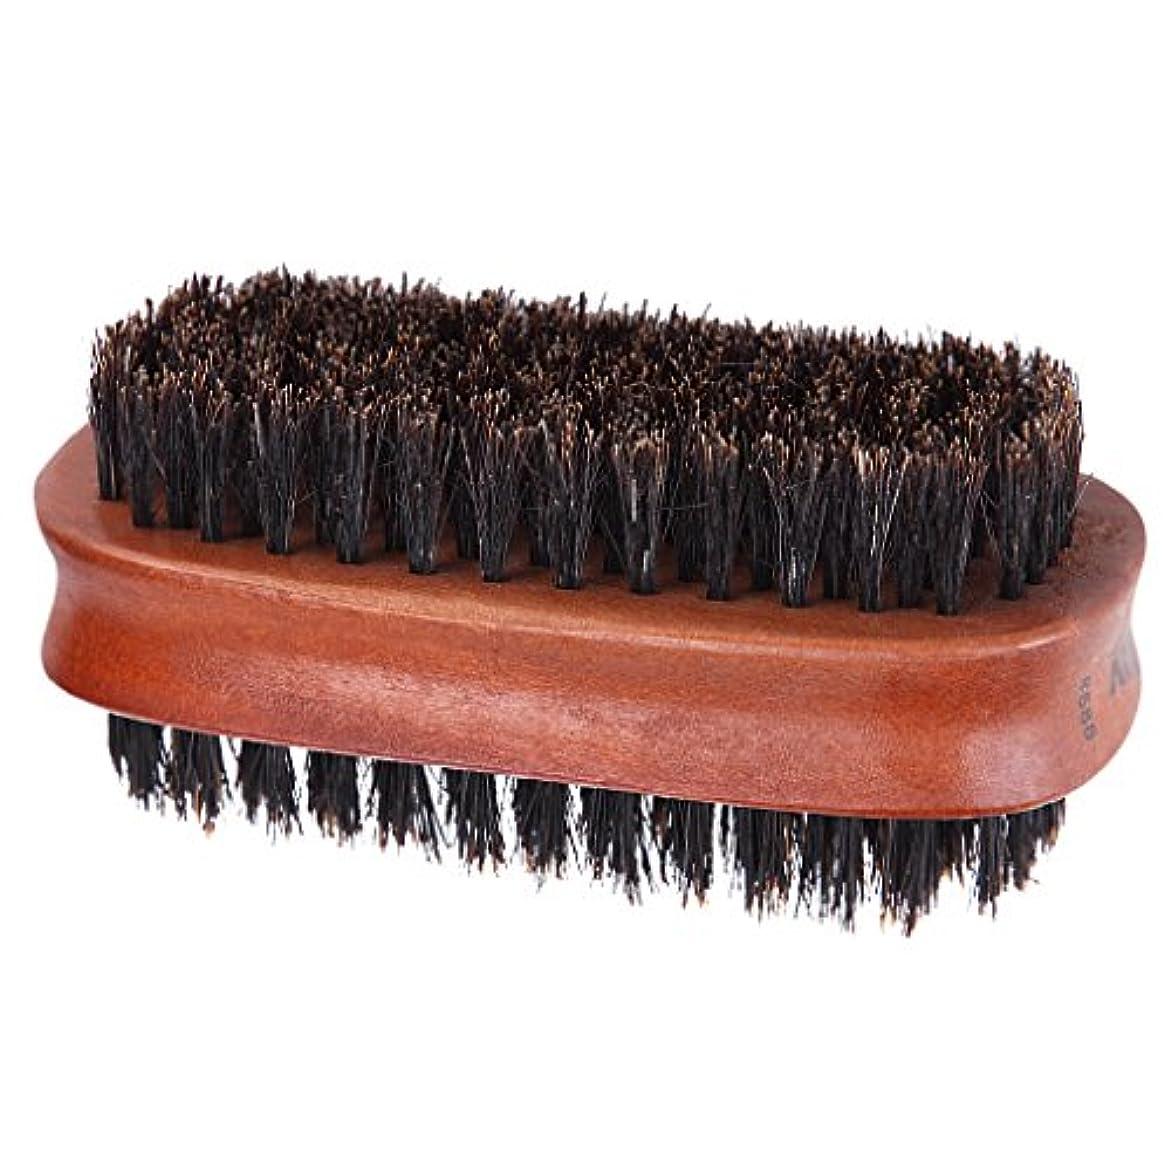 大陸相互接続ヒョウヘアブラシ 両面ブラシ 理髪店 美容院 ソフトブラシ ヘアカッター ダスターブラシ